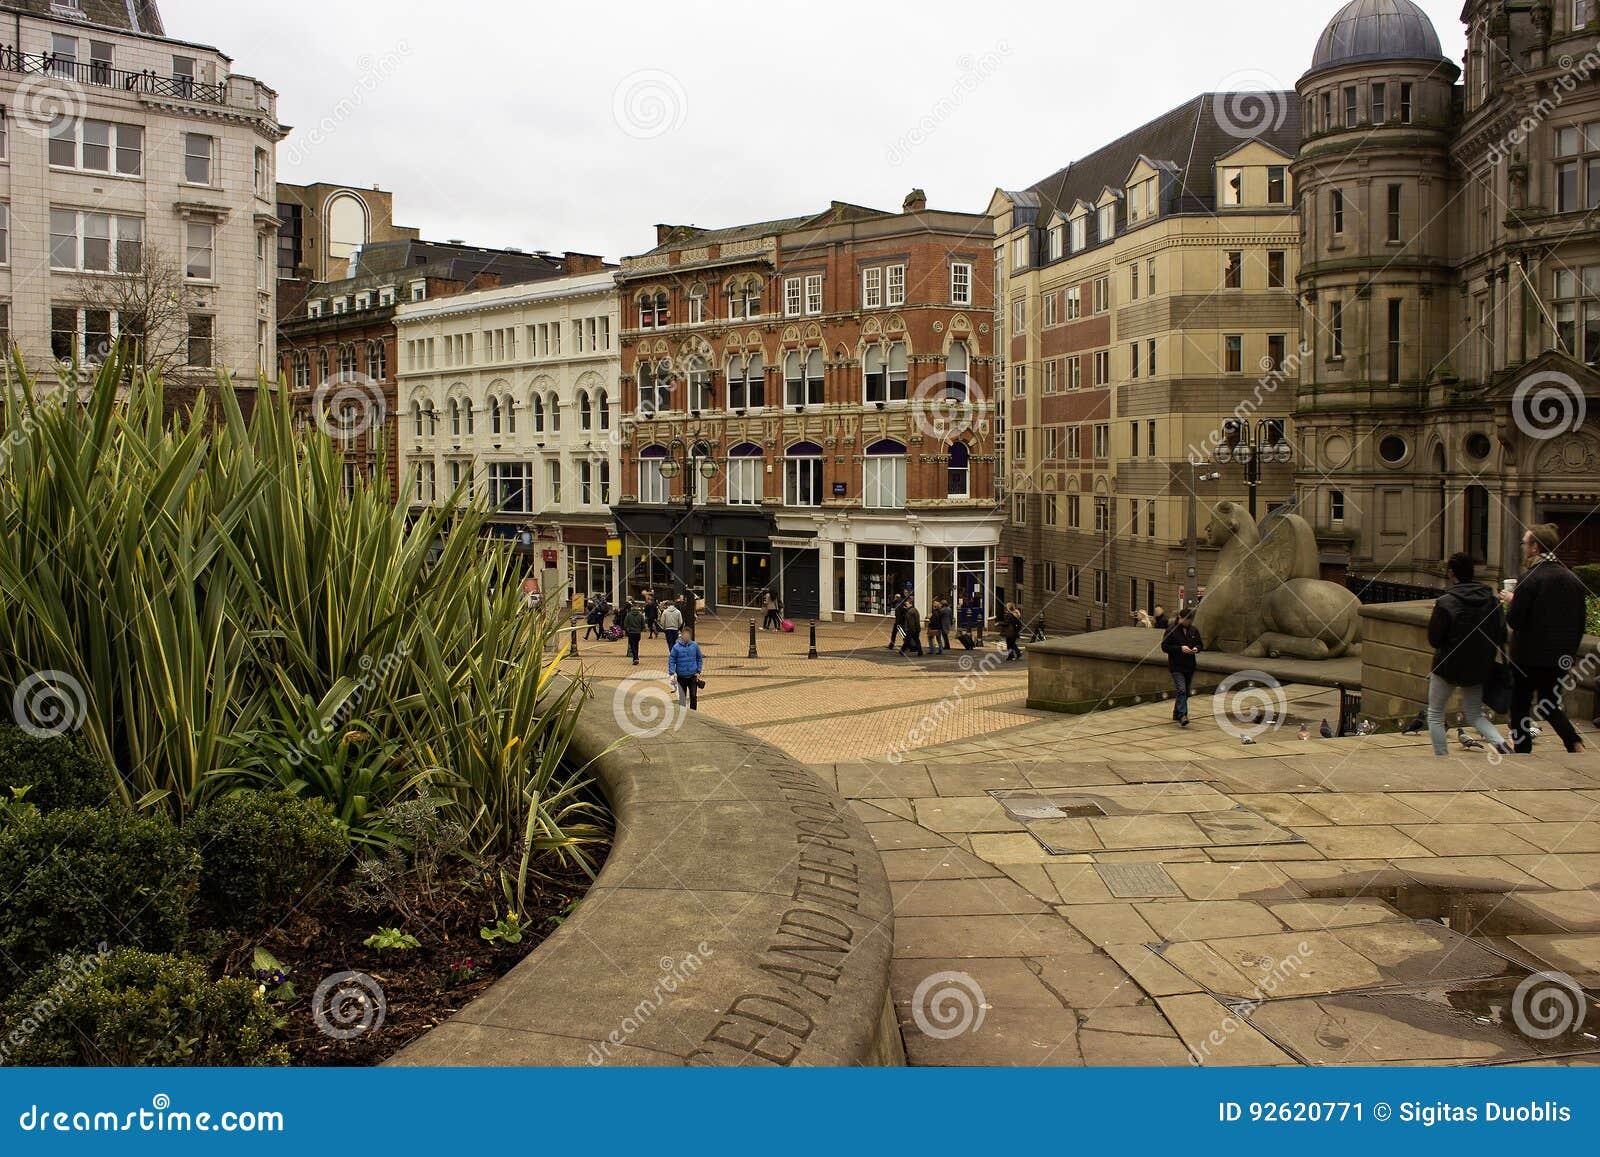 Scène au centre de la ville de Birmingham